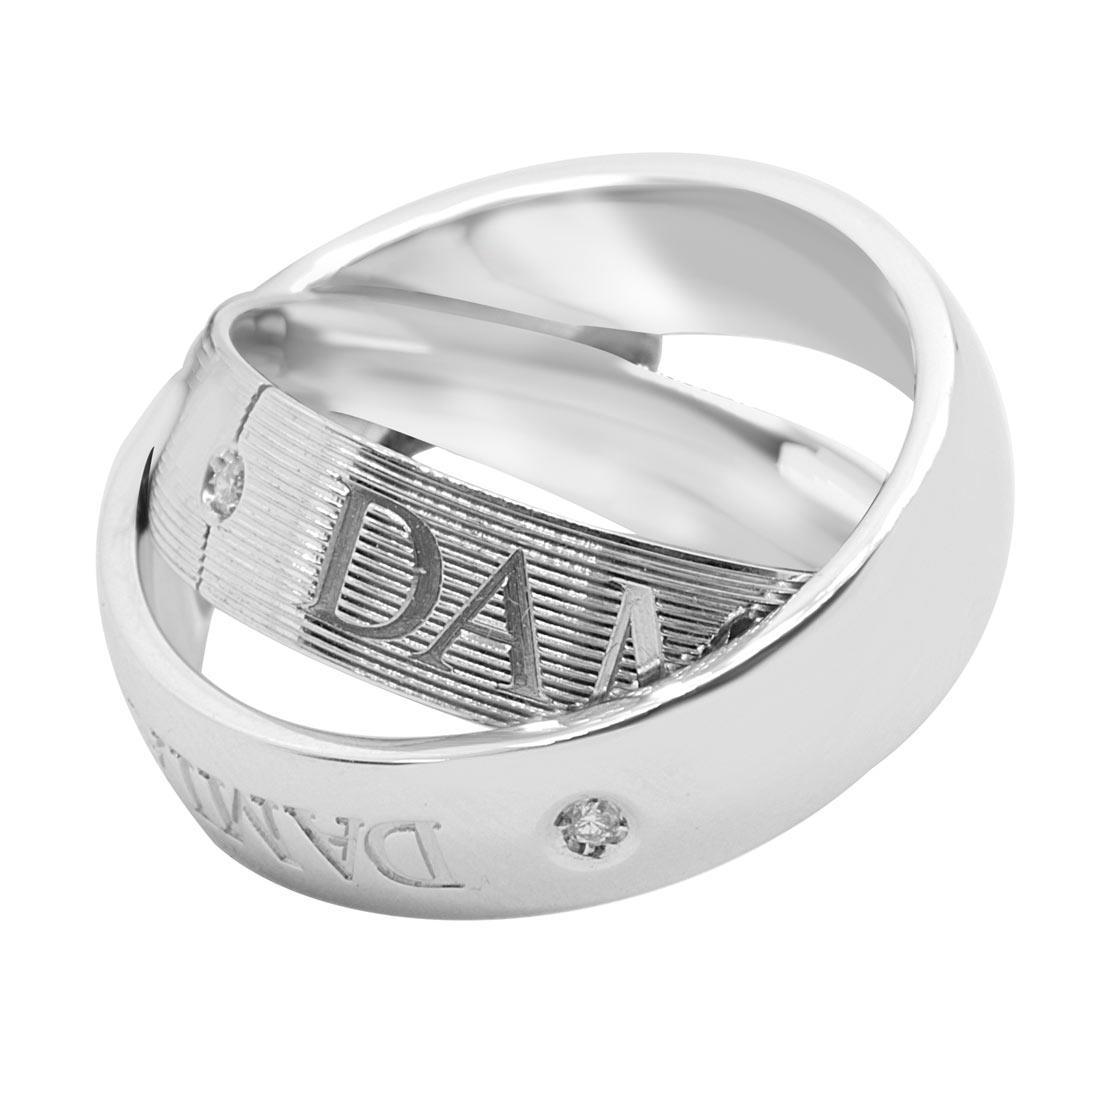 Damiani Fede doppia in oro bianco con diamante ct 0,01 - DAMIANI